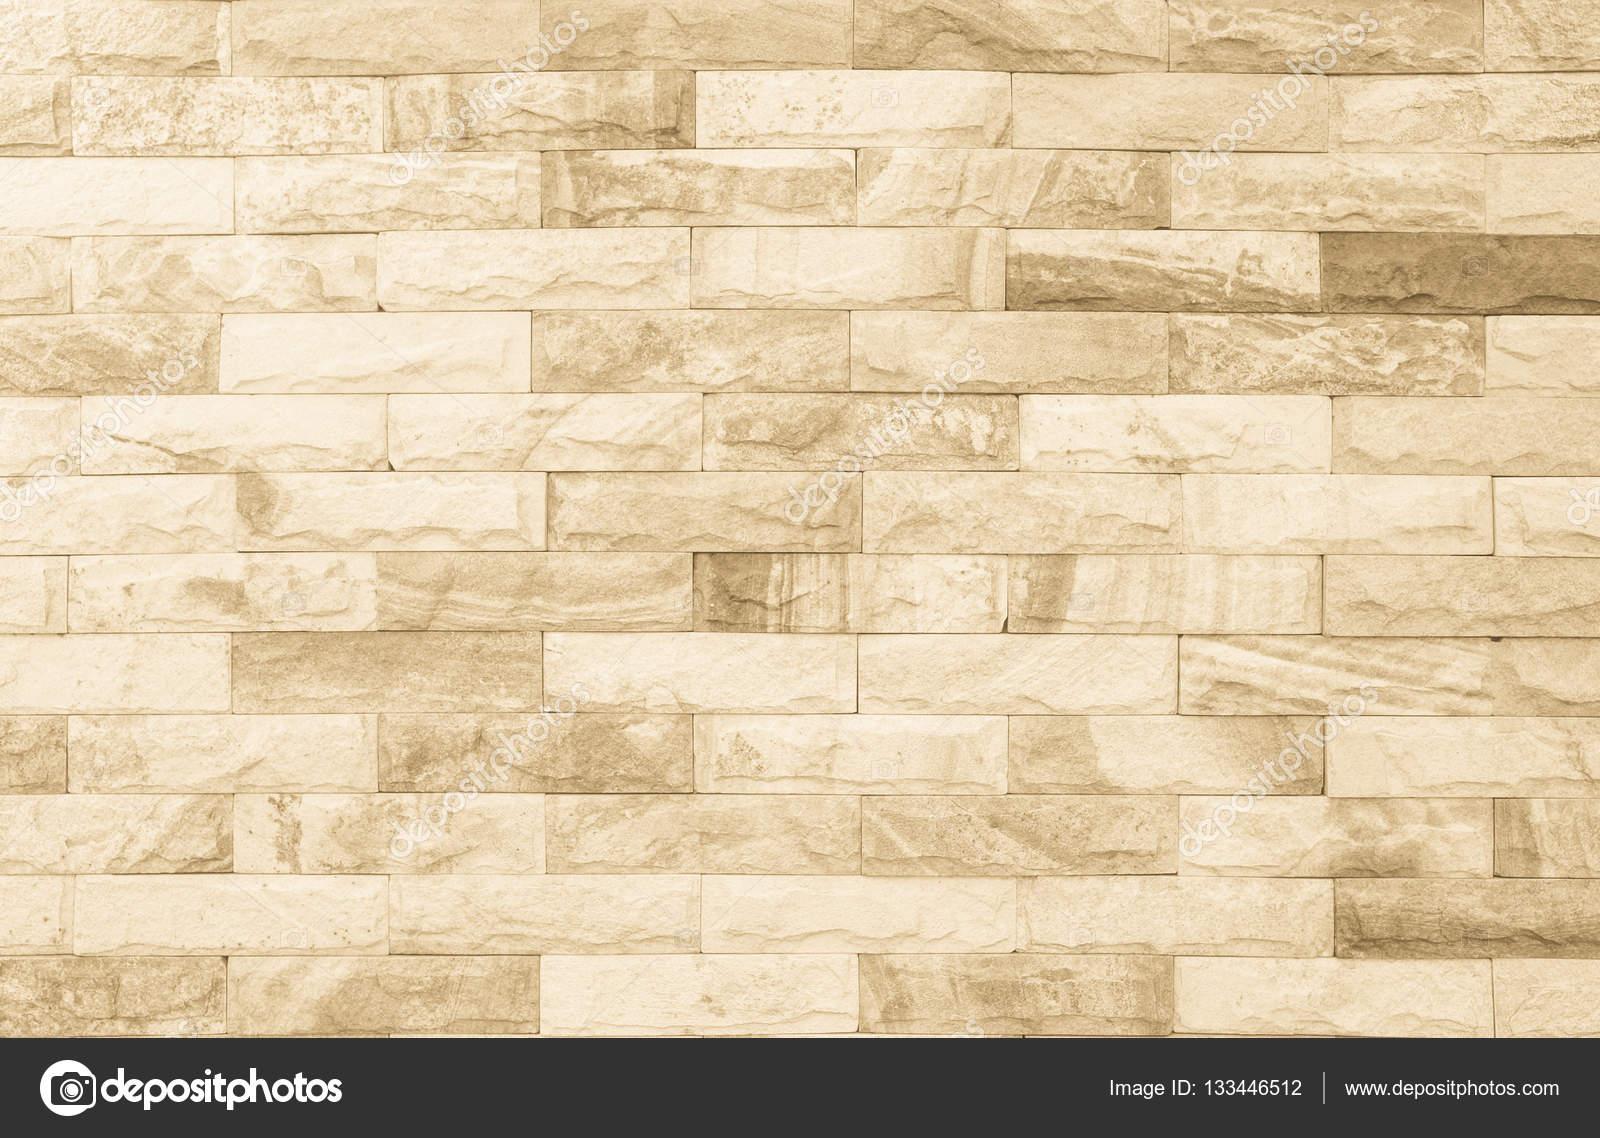 Fondo de textura de la pared de ladrillo blanco y negro foto de stock phokin2516 - Pared ladrillo blanco ...